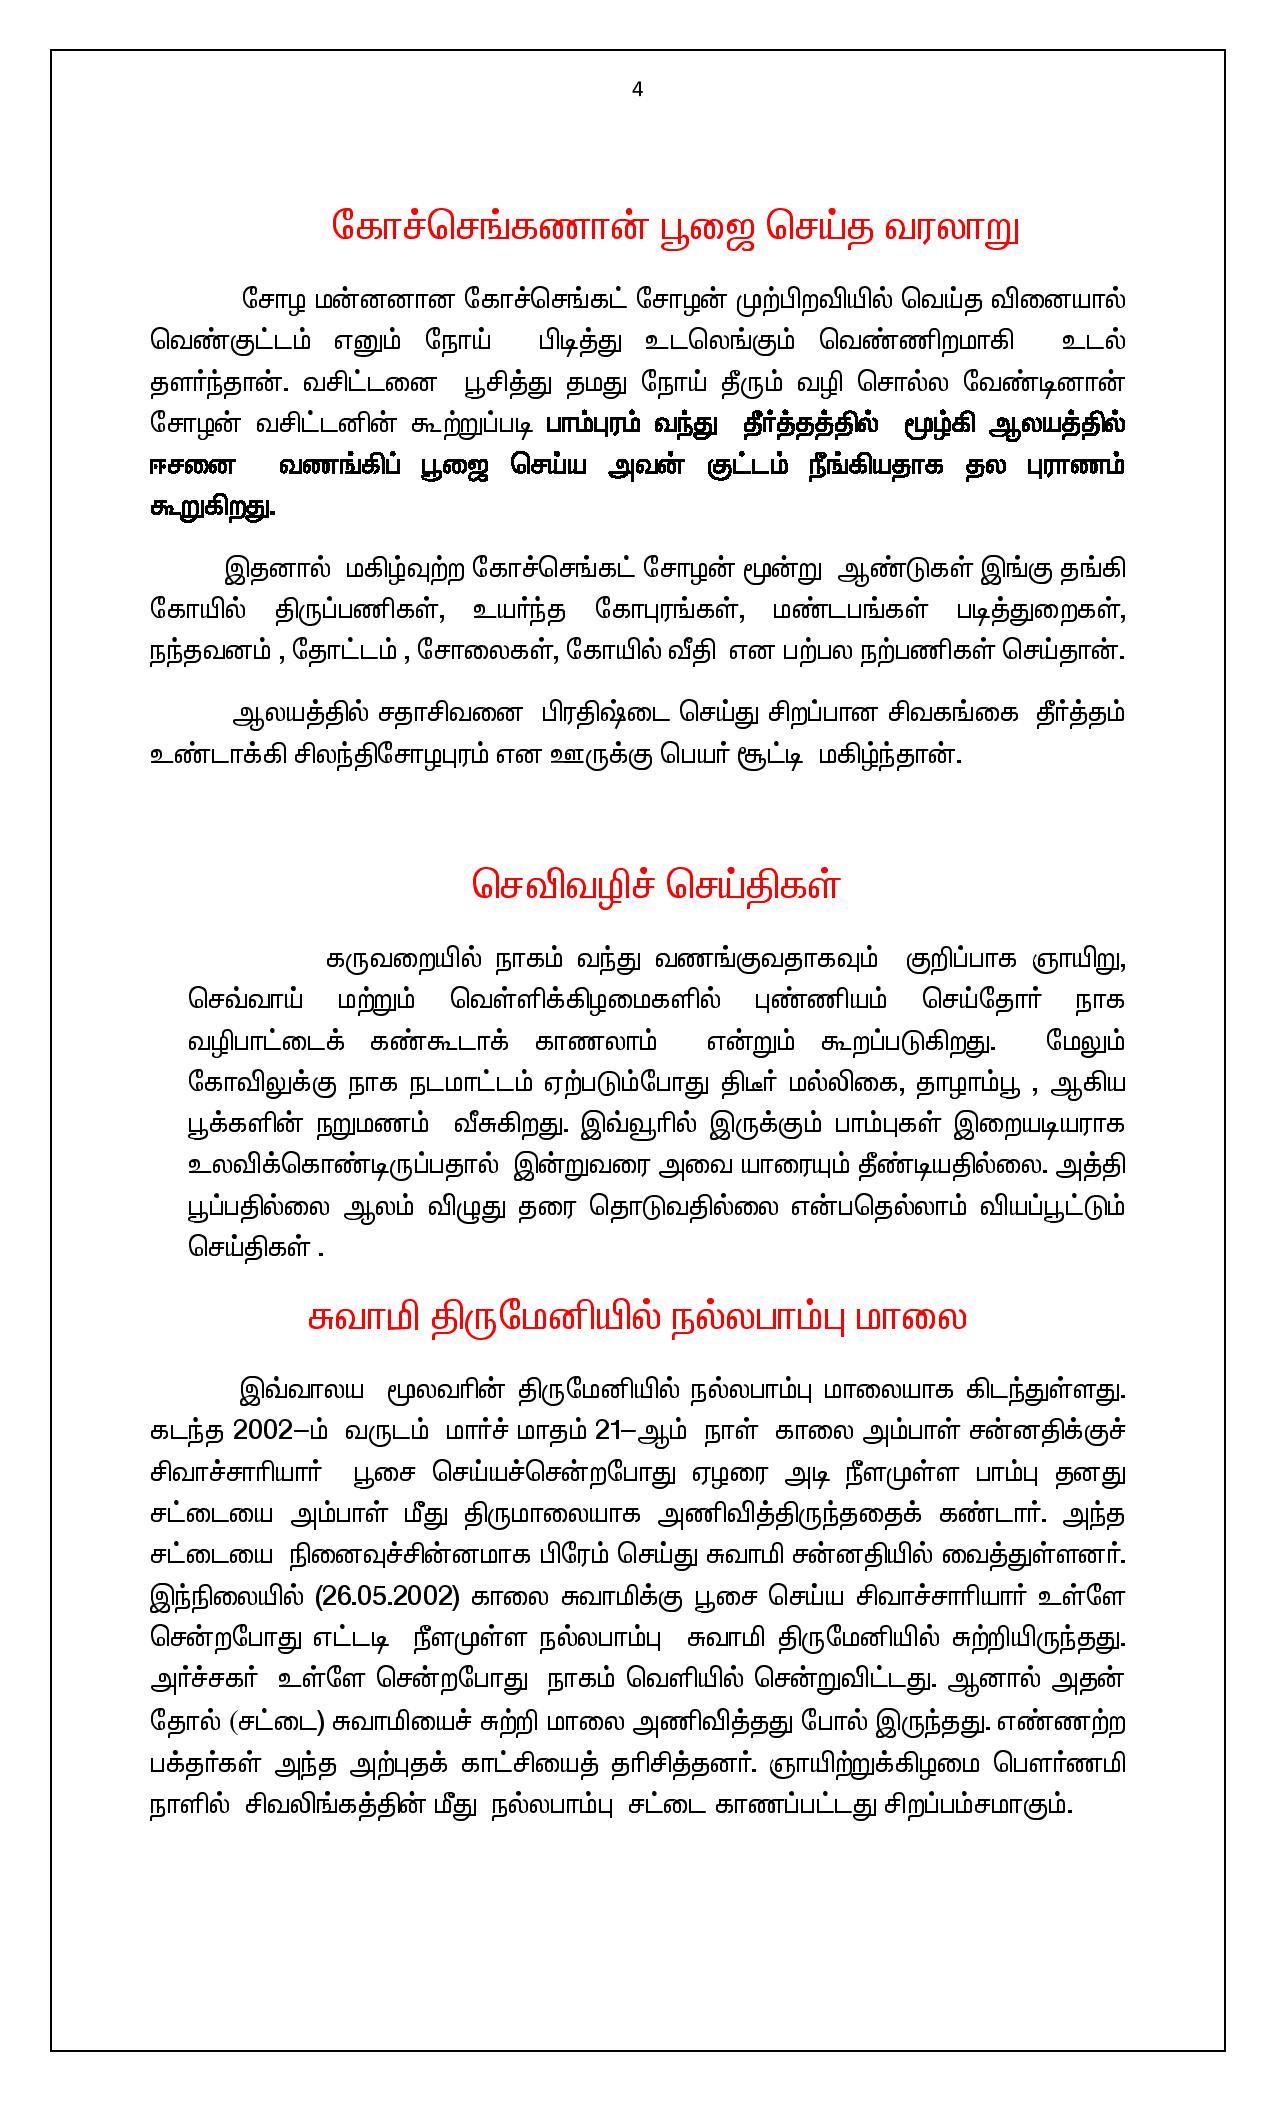 Hislory thiru pambupuram temple-page-004